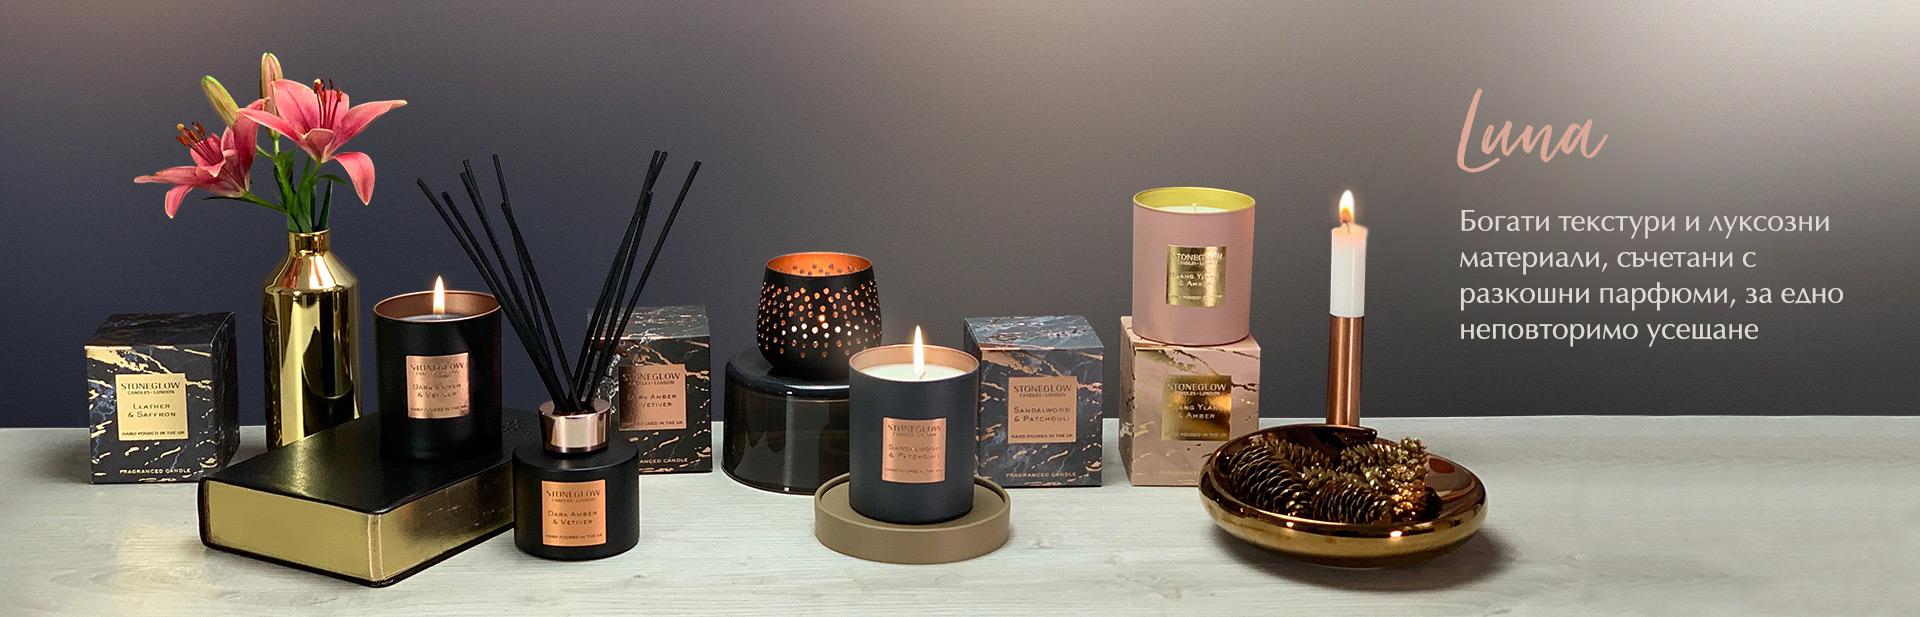 Луксозни ароматни свещи и дифузери за романтичен подарък за Свети Валентин